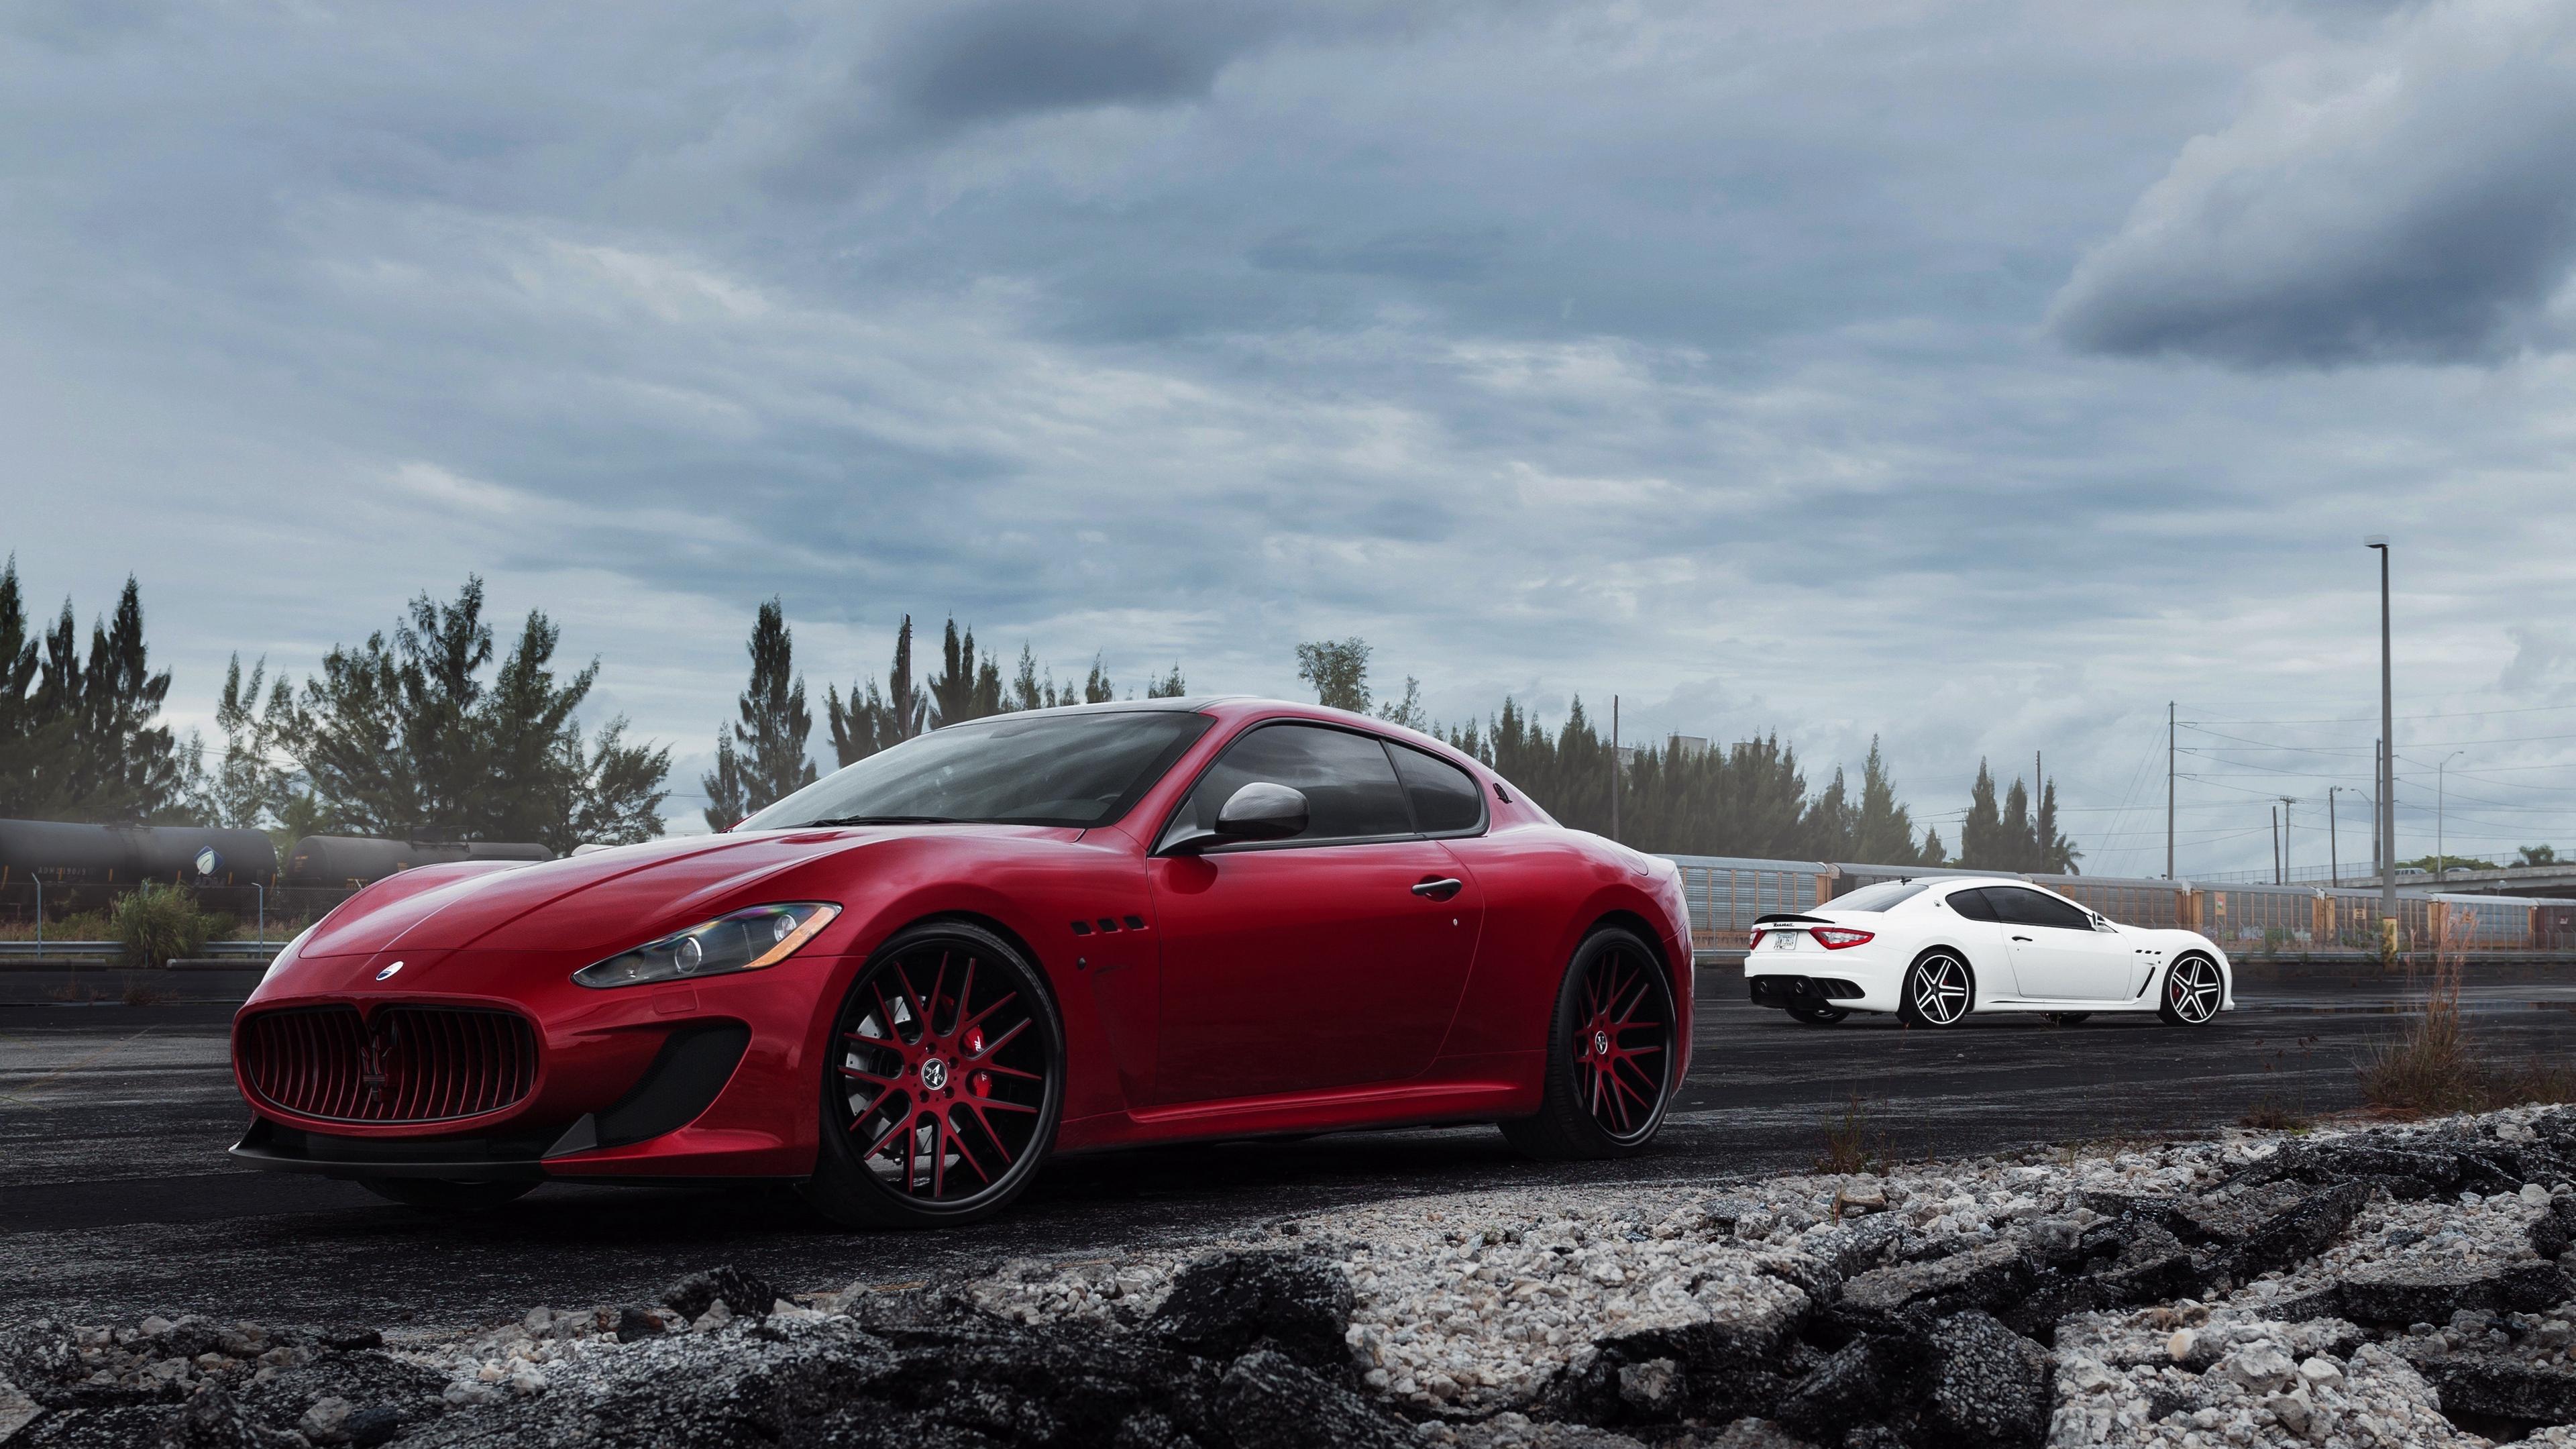 maserati granturismo mc red side view 4k 1538938603 - maserati, granturismo, mc, red, side view 4k - mc, Maserati, GranTurismo